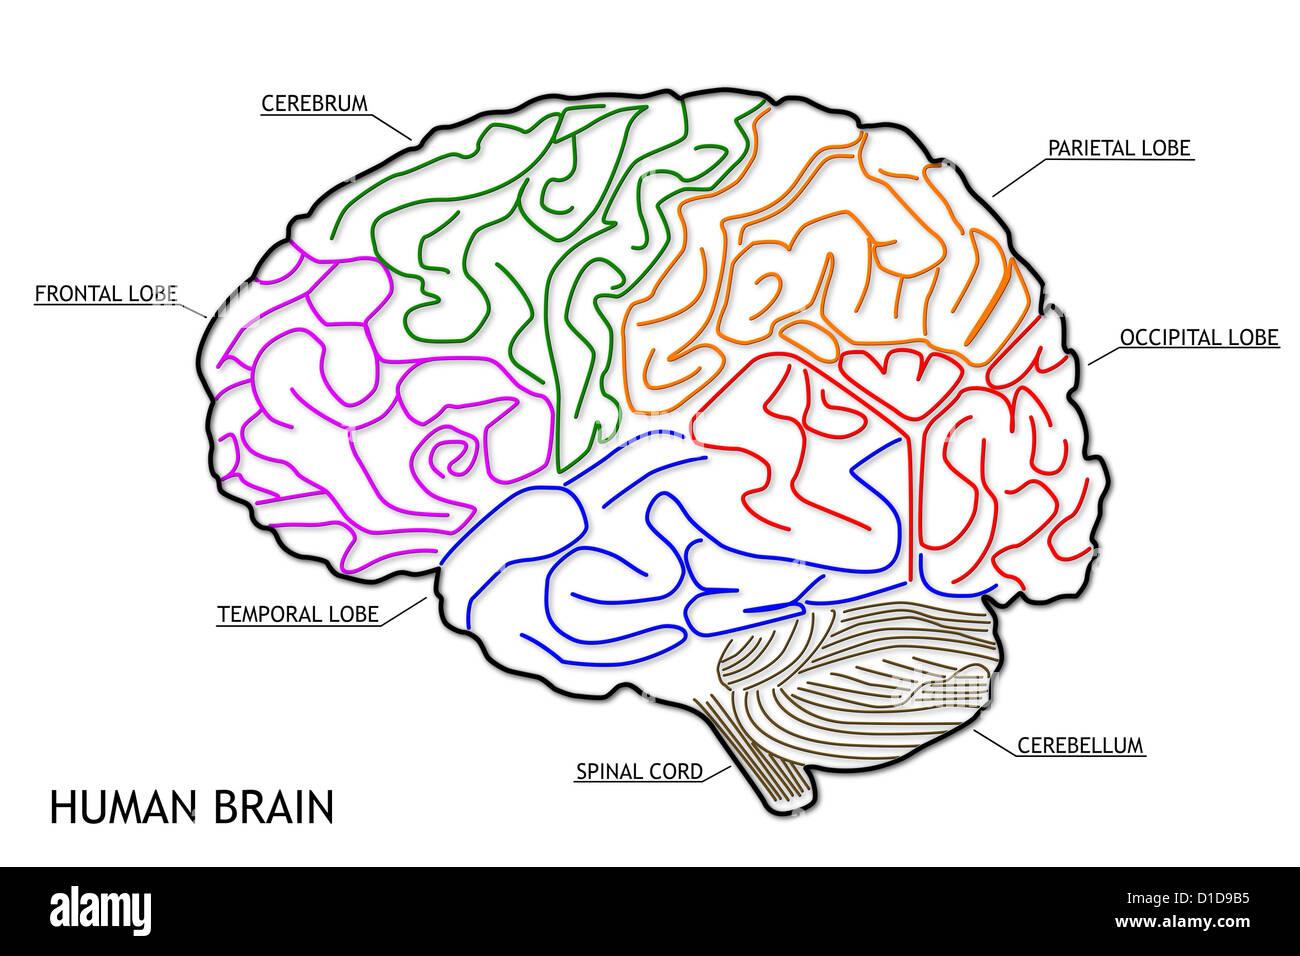 Nett Anatomie Und Physiologie Teile Des Gehirns Galerie ...